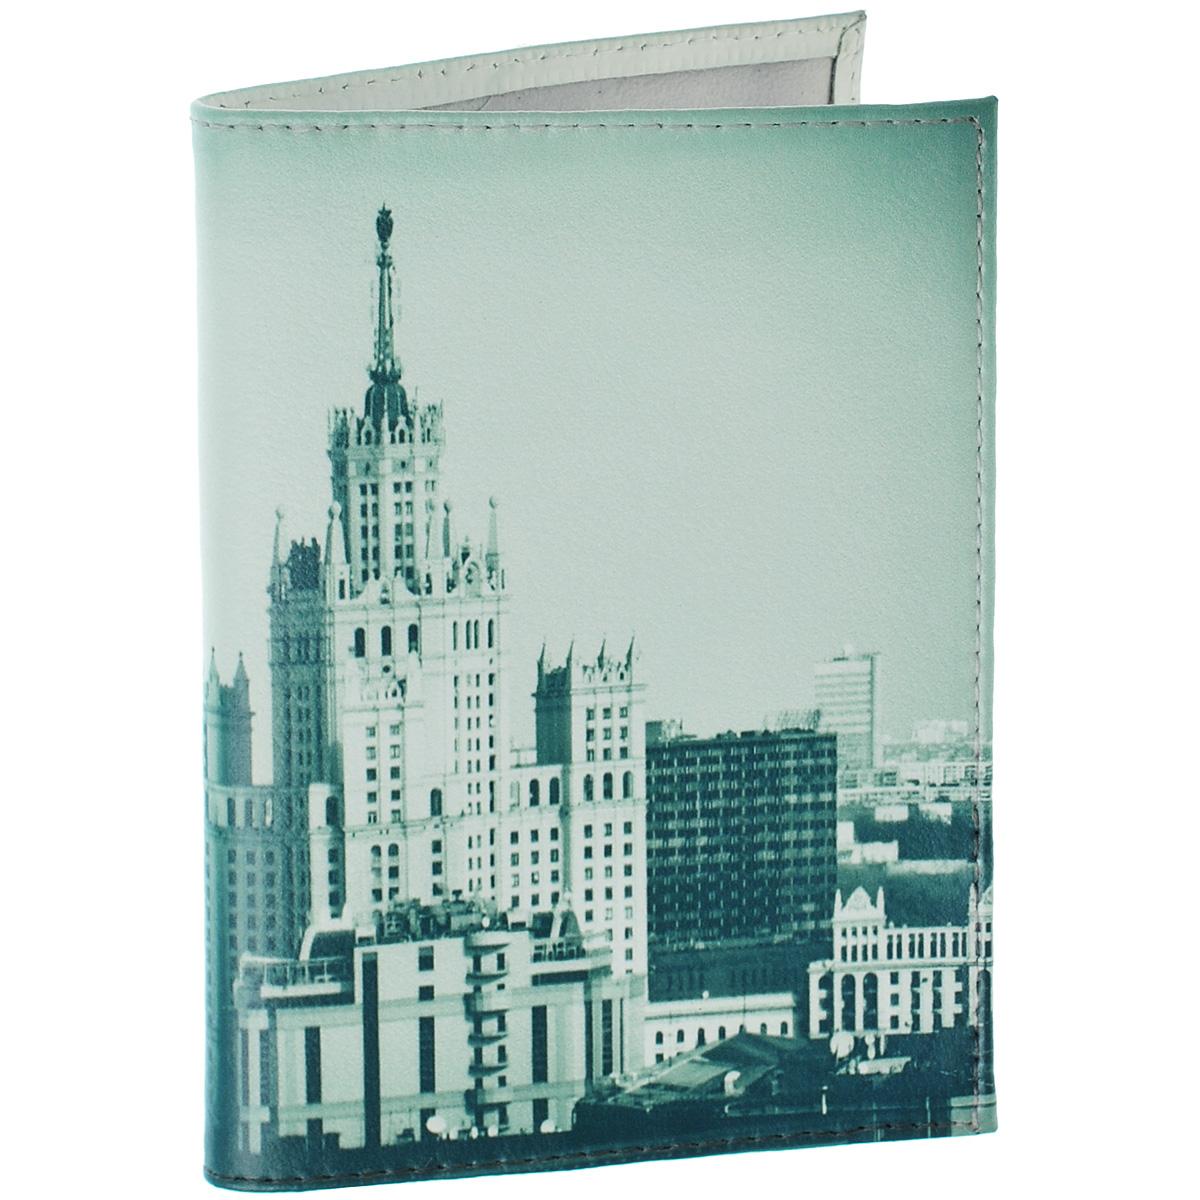 Обложка для паспорта Сталинская высотка. OK283180Обложка для паспорта Mitya Veselkov Сталинская высотка изготовлена из натуральной высококачественной кожи и оформлена изображением городского пейзажа со знаменитой высоткой. Внутри содержится два пластиковых кармашка для паспорта. Стильная обложка для паспорта не только поможет сохранить внешний вид ваших документов и защитить их от грязи и пыли, но и станет стильным аксессуаром, идеально подходящим вашему образу.